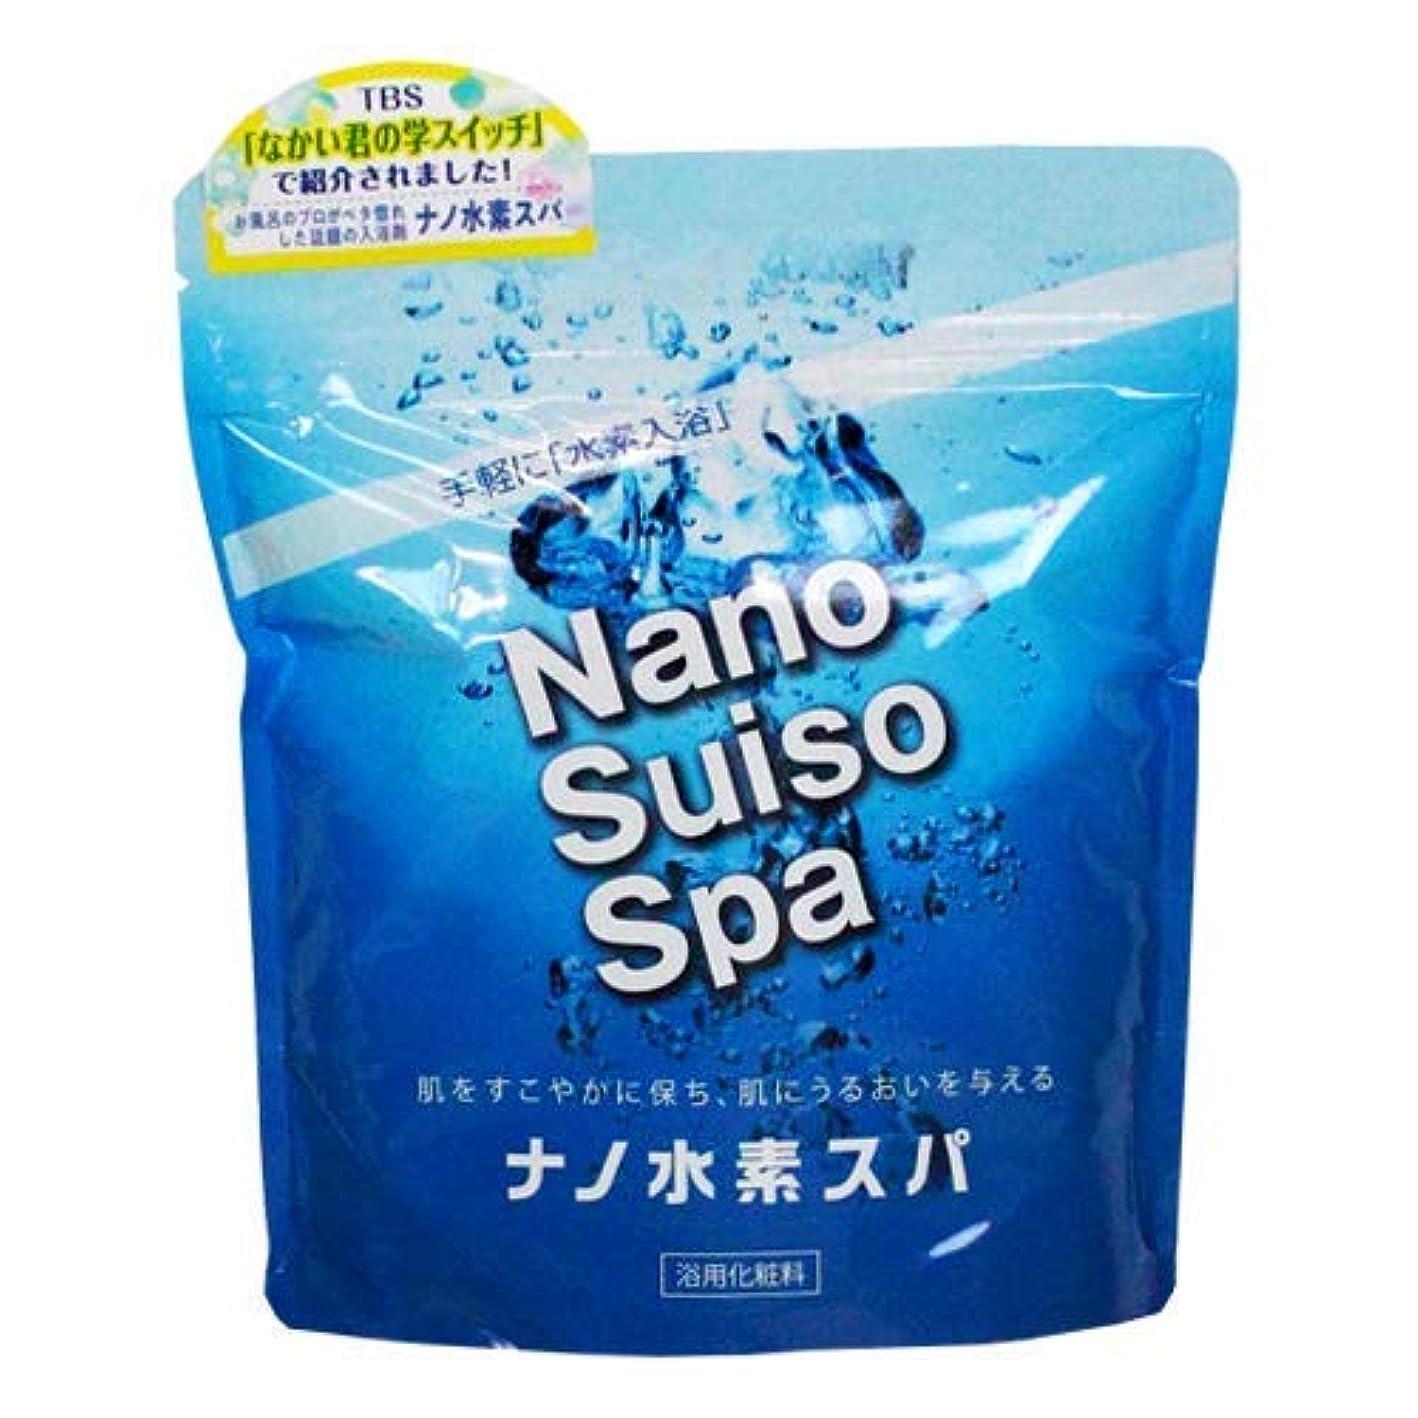 湖手刺すナノ水素スパ1000g 高濃度水素発生入浴用